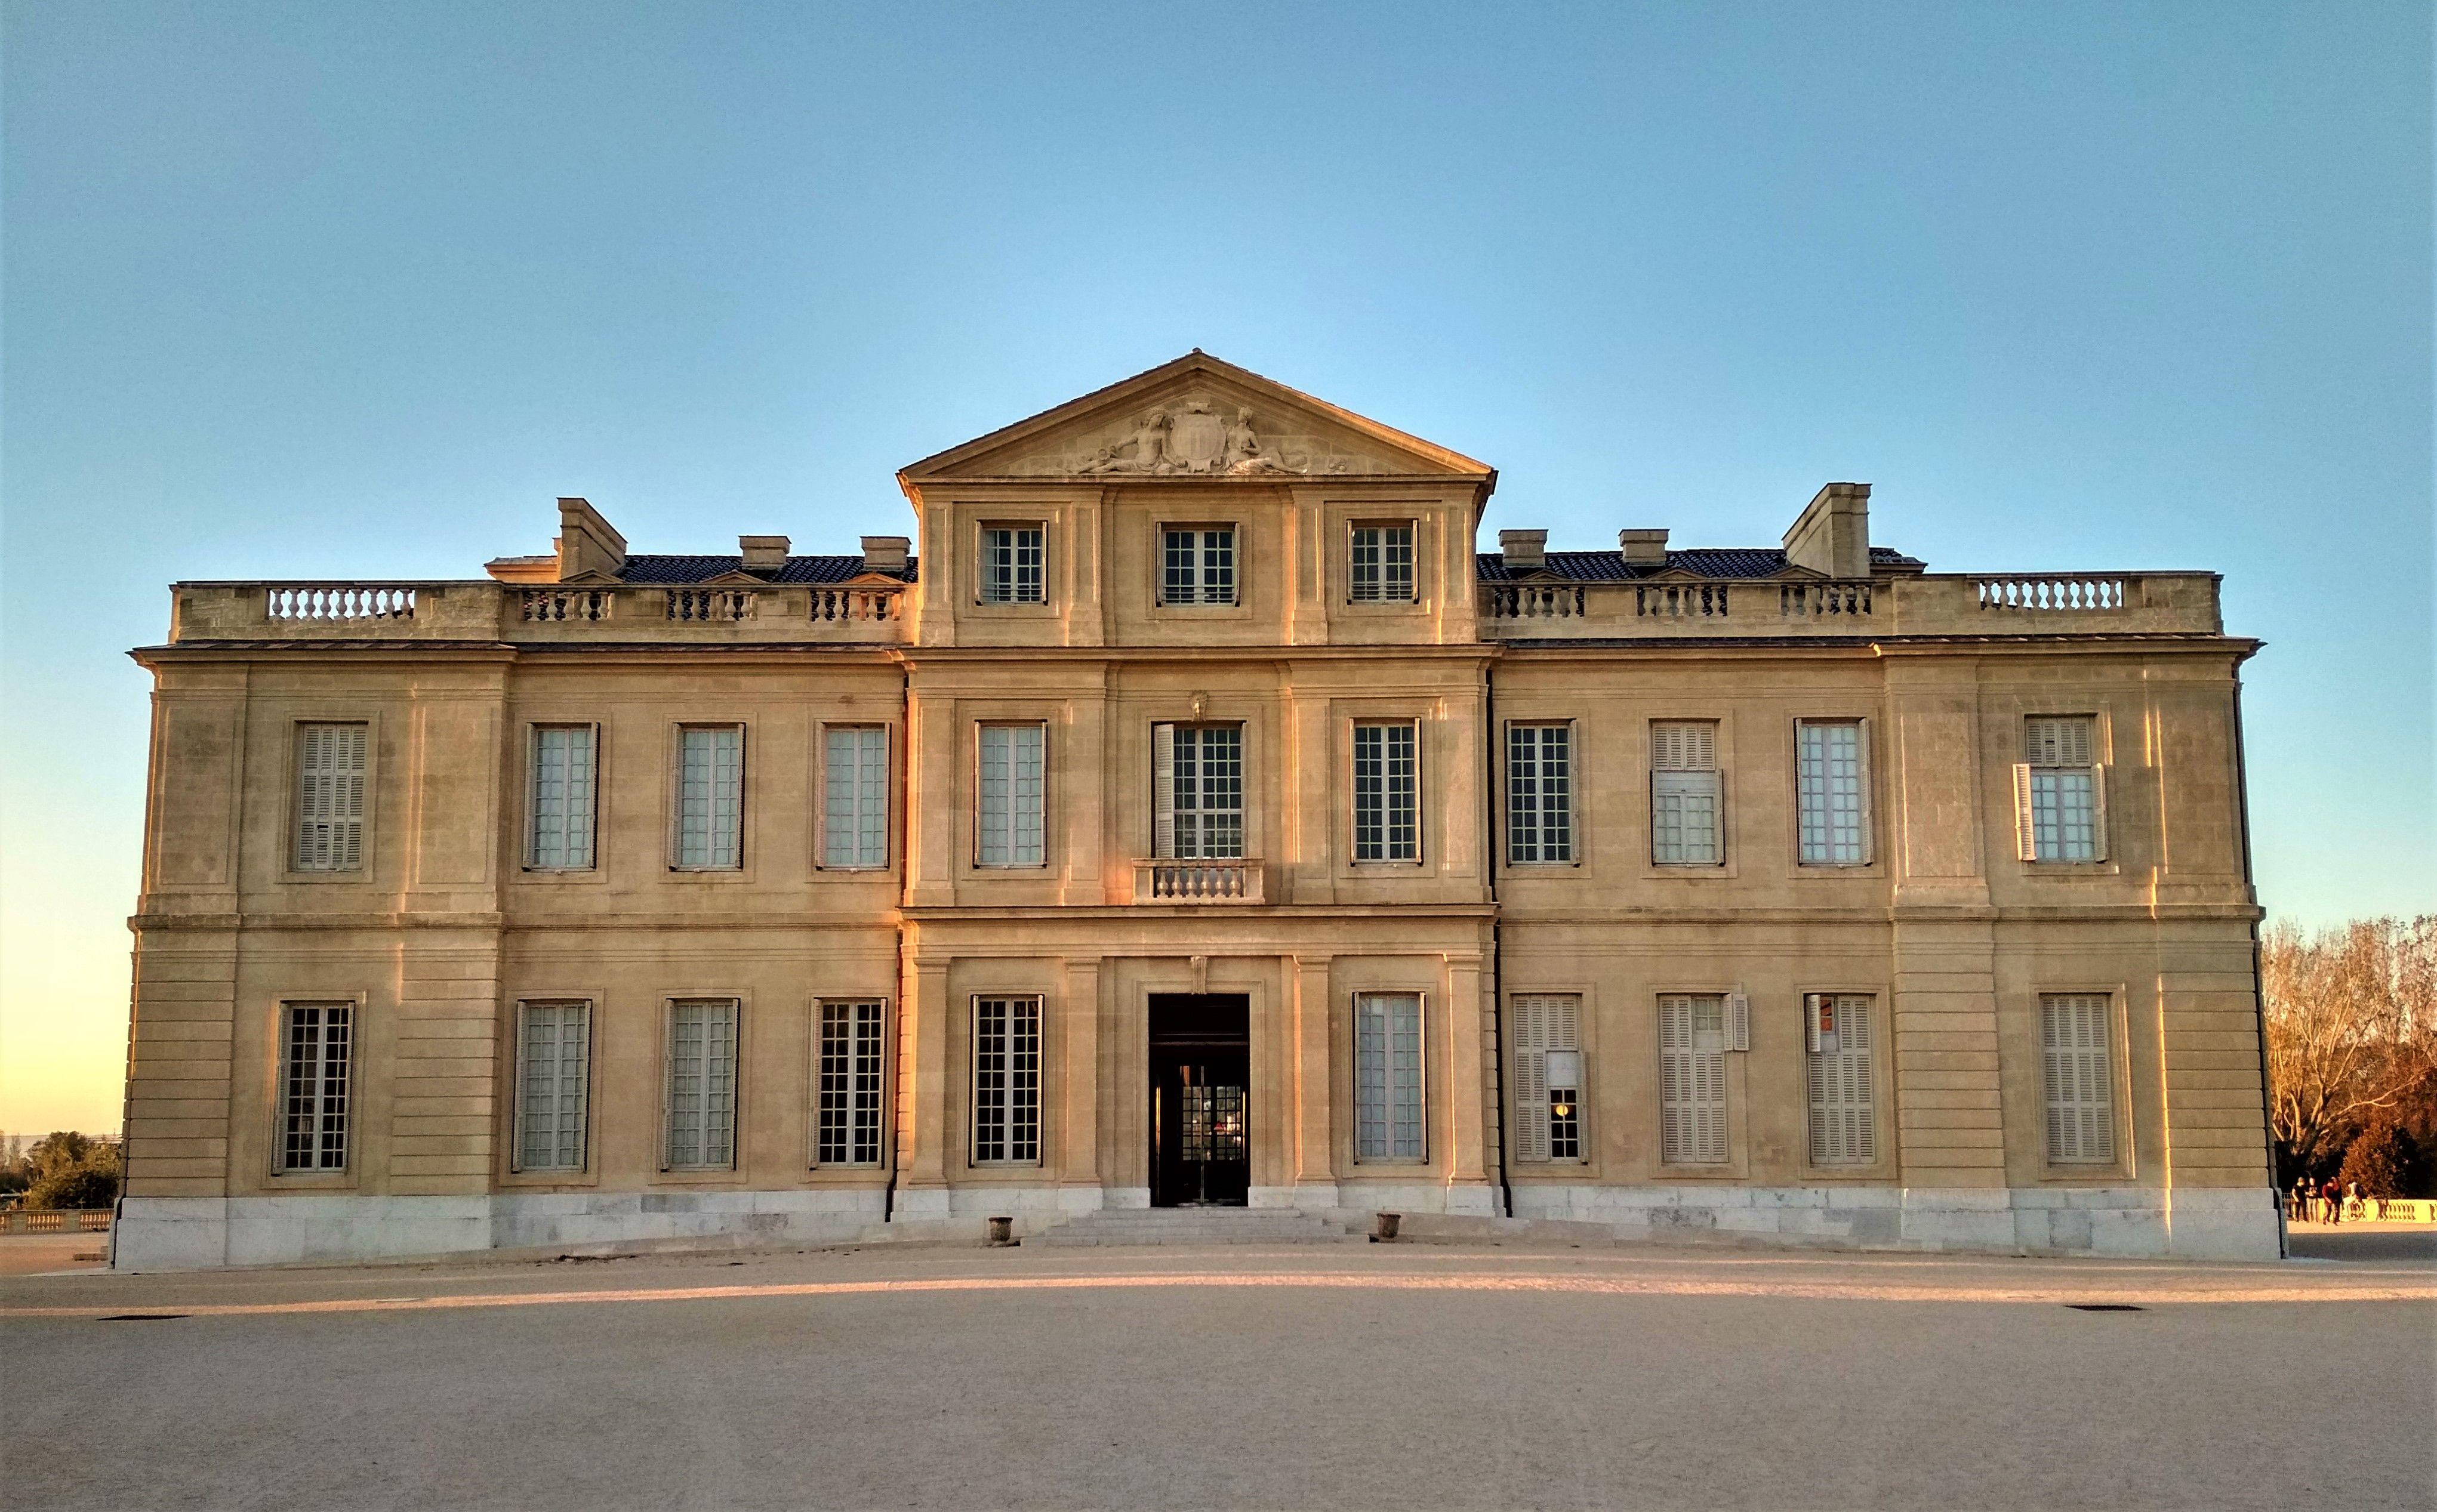 Musee Des Arts Decoratifs De La Faience Et De La Mode Marseille